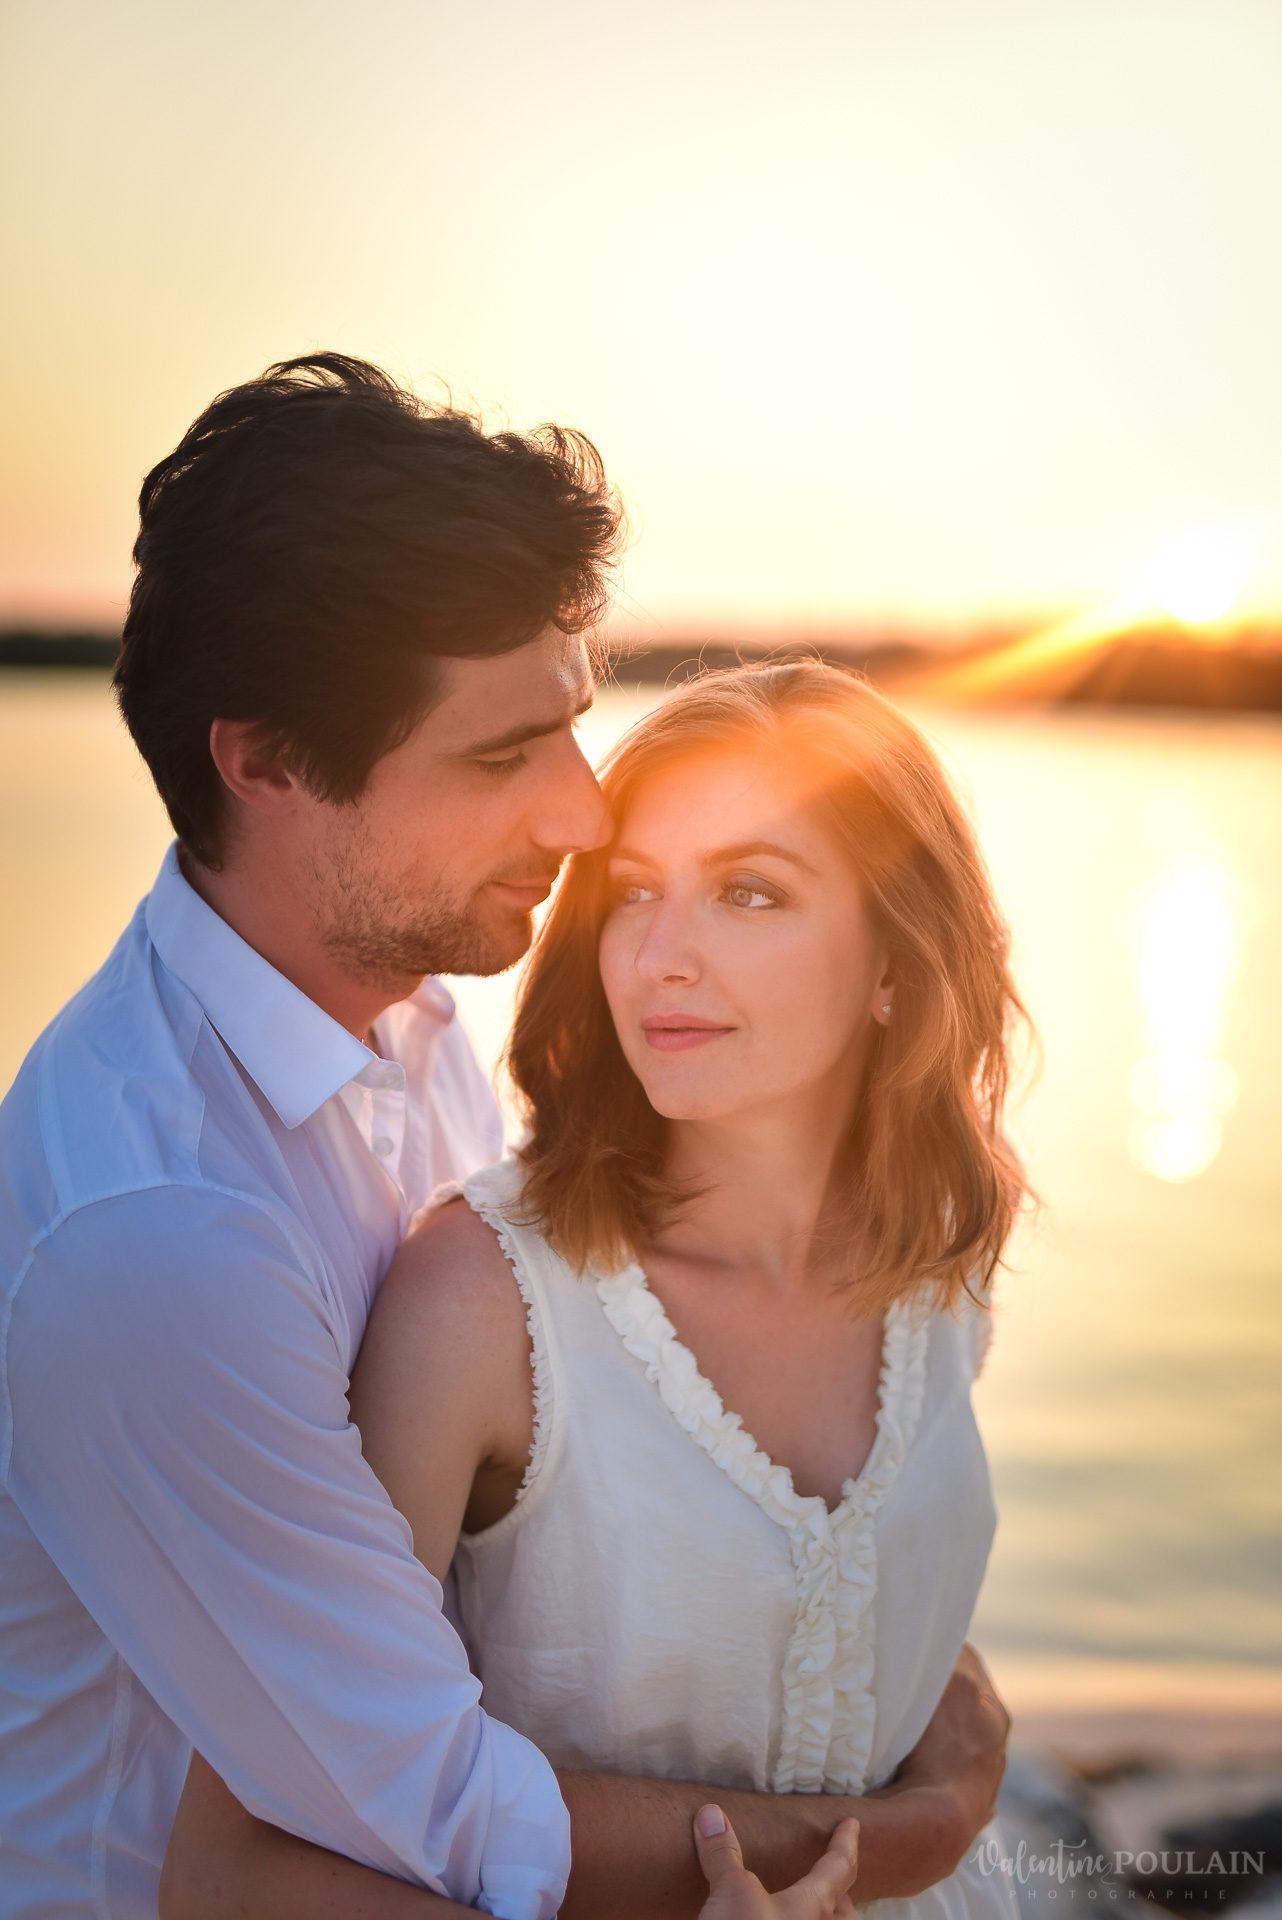 Couple Miam Keys Florida - Valentine Poulain regard